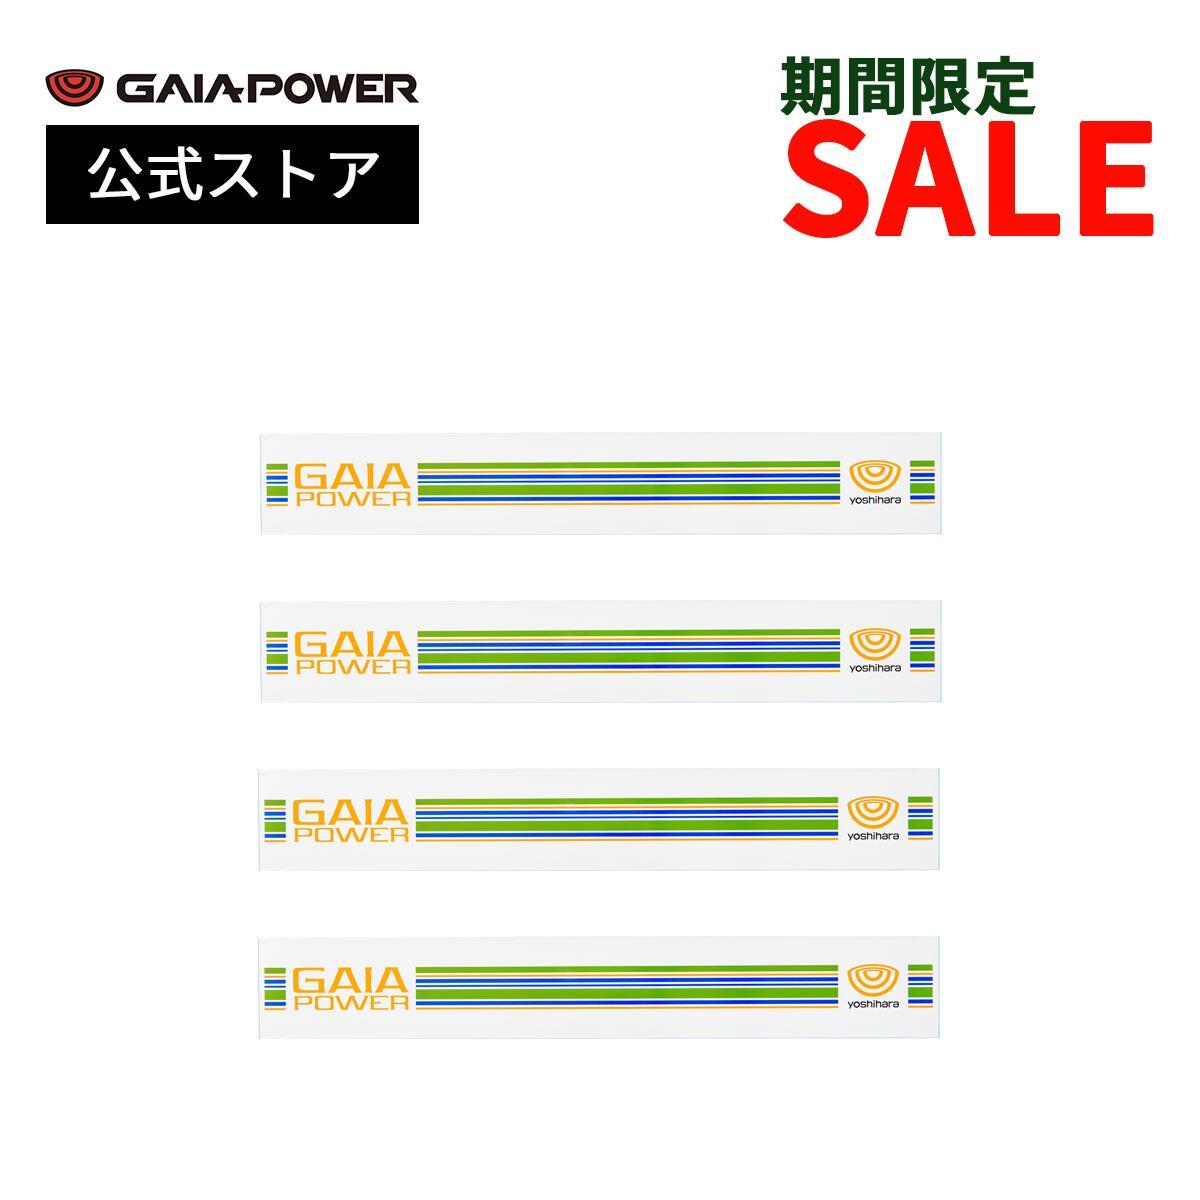 車のトルクアップグッズ『ガイアパワー(GAIAPOWER)エコデザイン』GPショックアブソーバーコンプリートセット